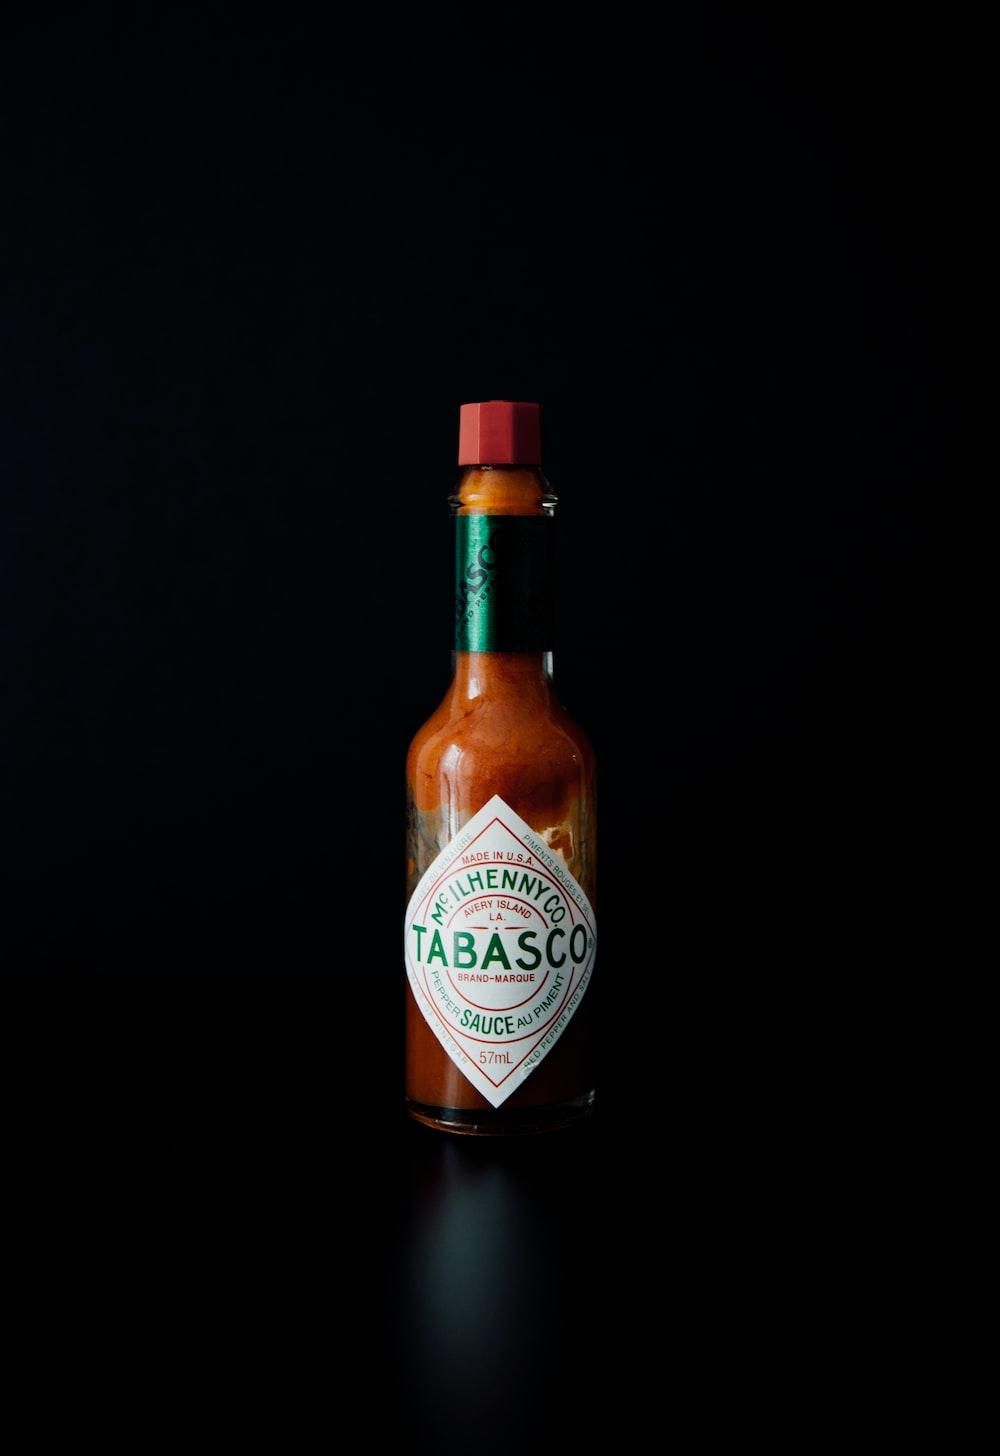 Meilhenny Co. Tobasco sauce bottle